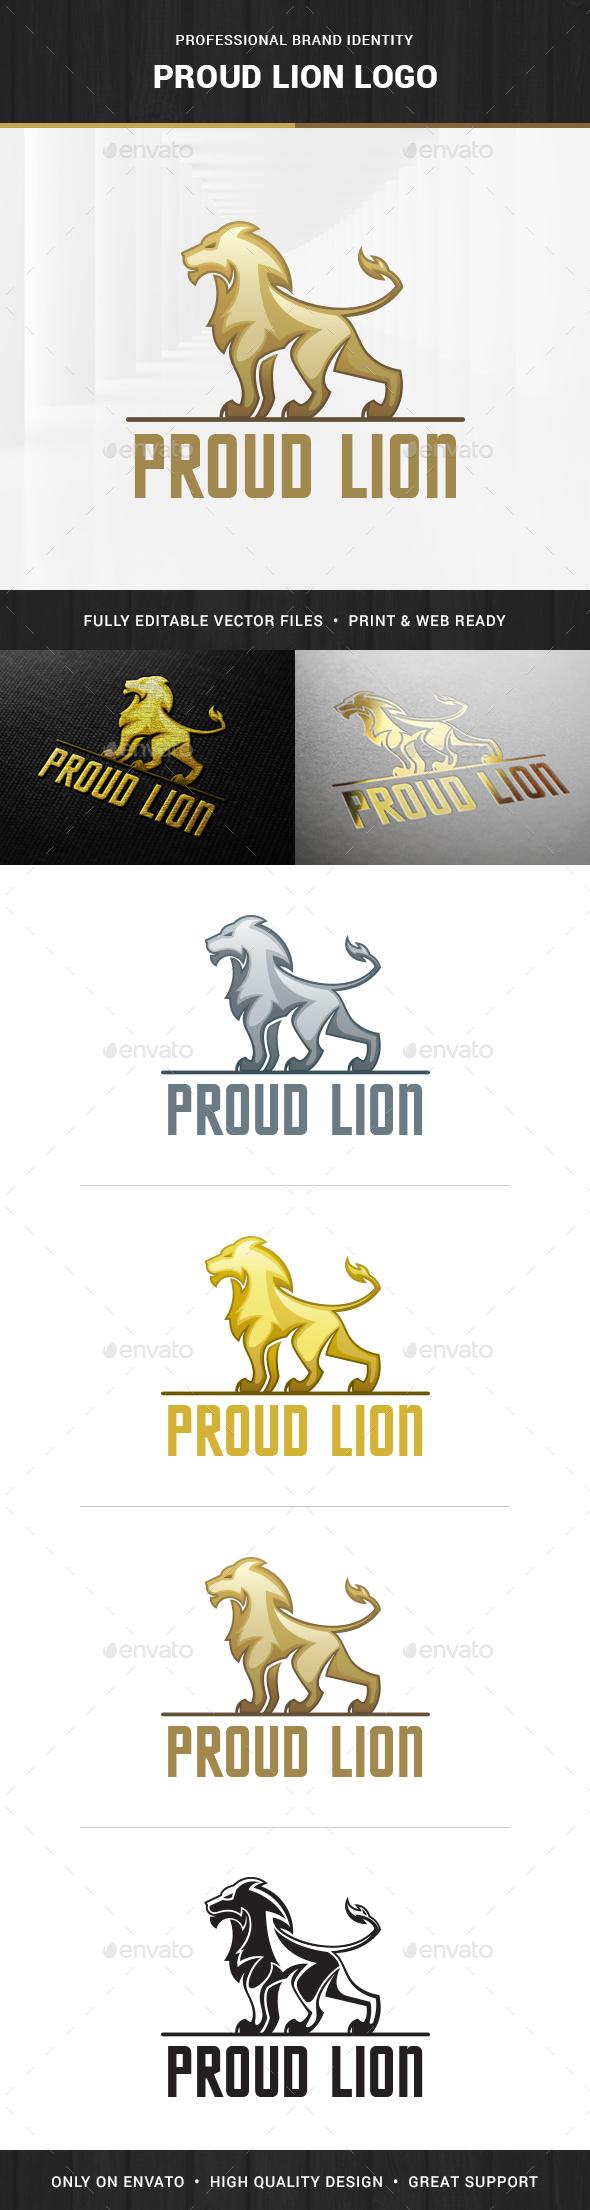 Proud Lion Logo Template